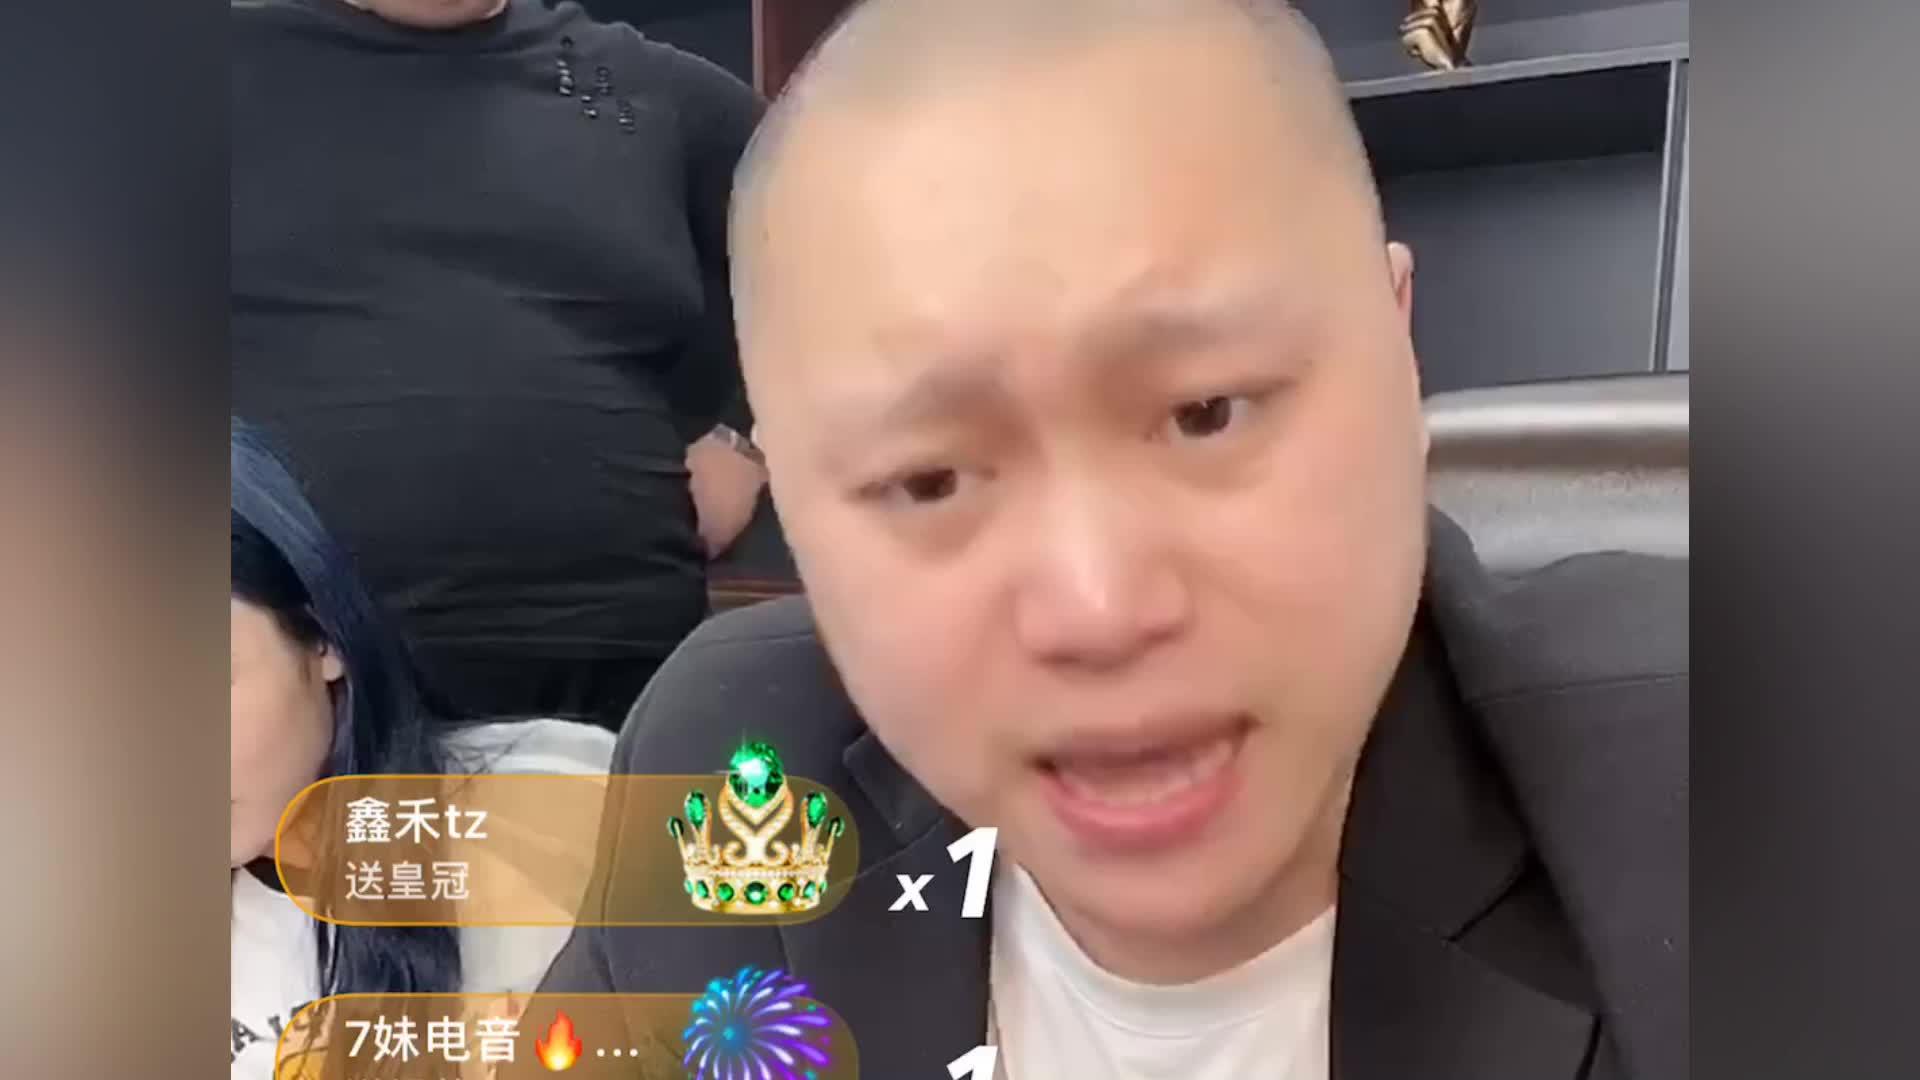 网红刘二狗pk之王被才艺娜姐搞退网之战视频还原 刘二狗太善良了